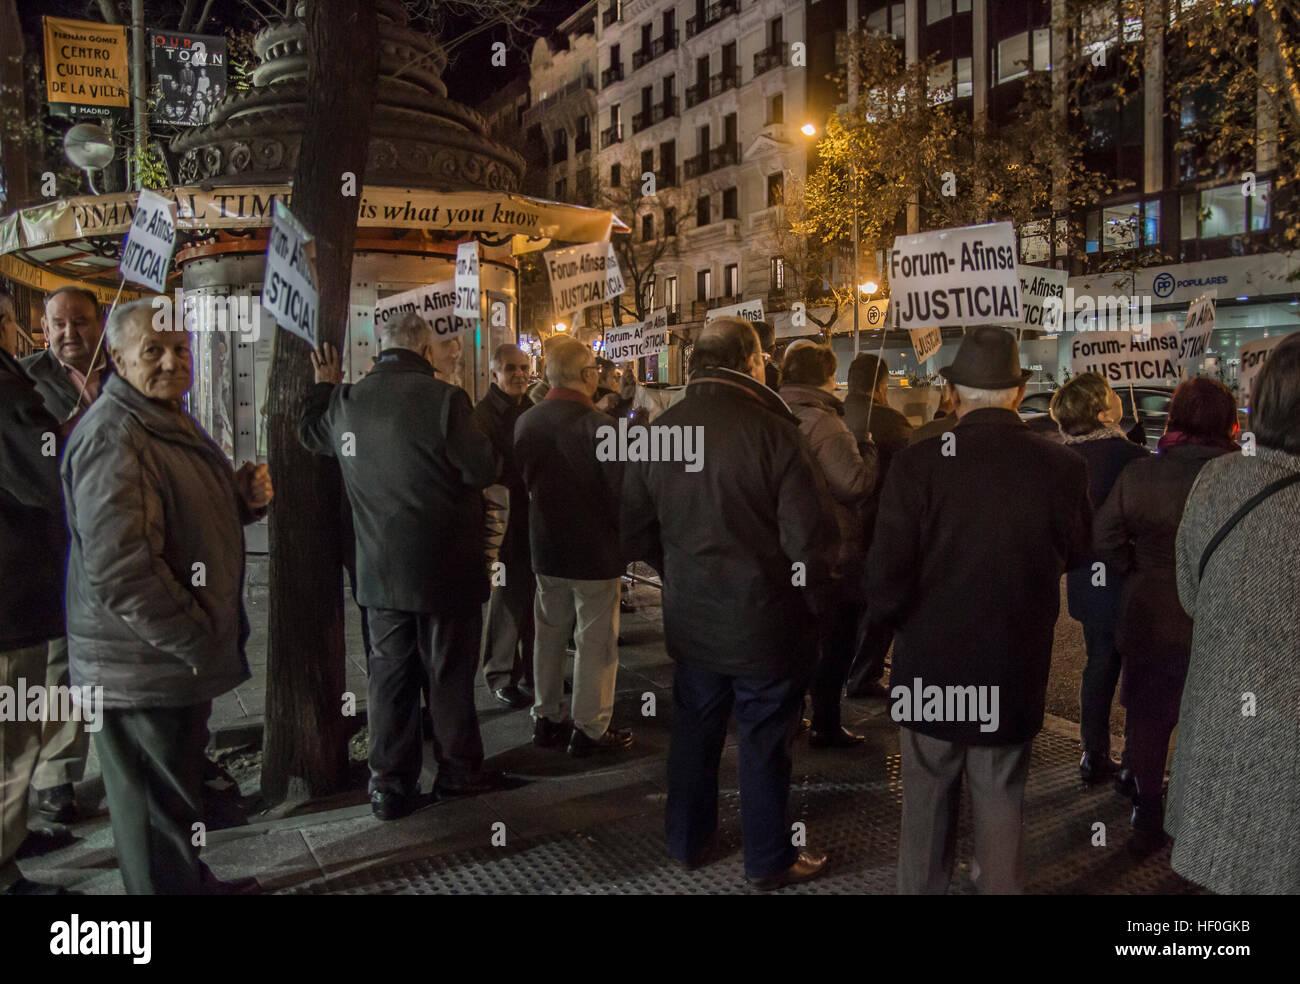 """Madrid, Spagna. 27 Dic, 2016. Anziani dimostrazione client, contro il """"Forum Afinsa e società di frode"""" Immagini Stock"""